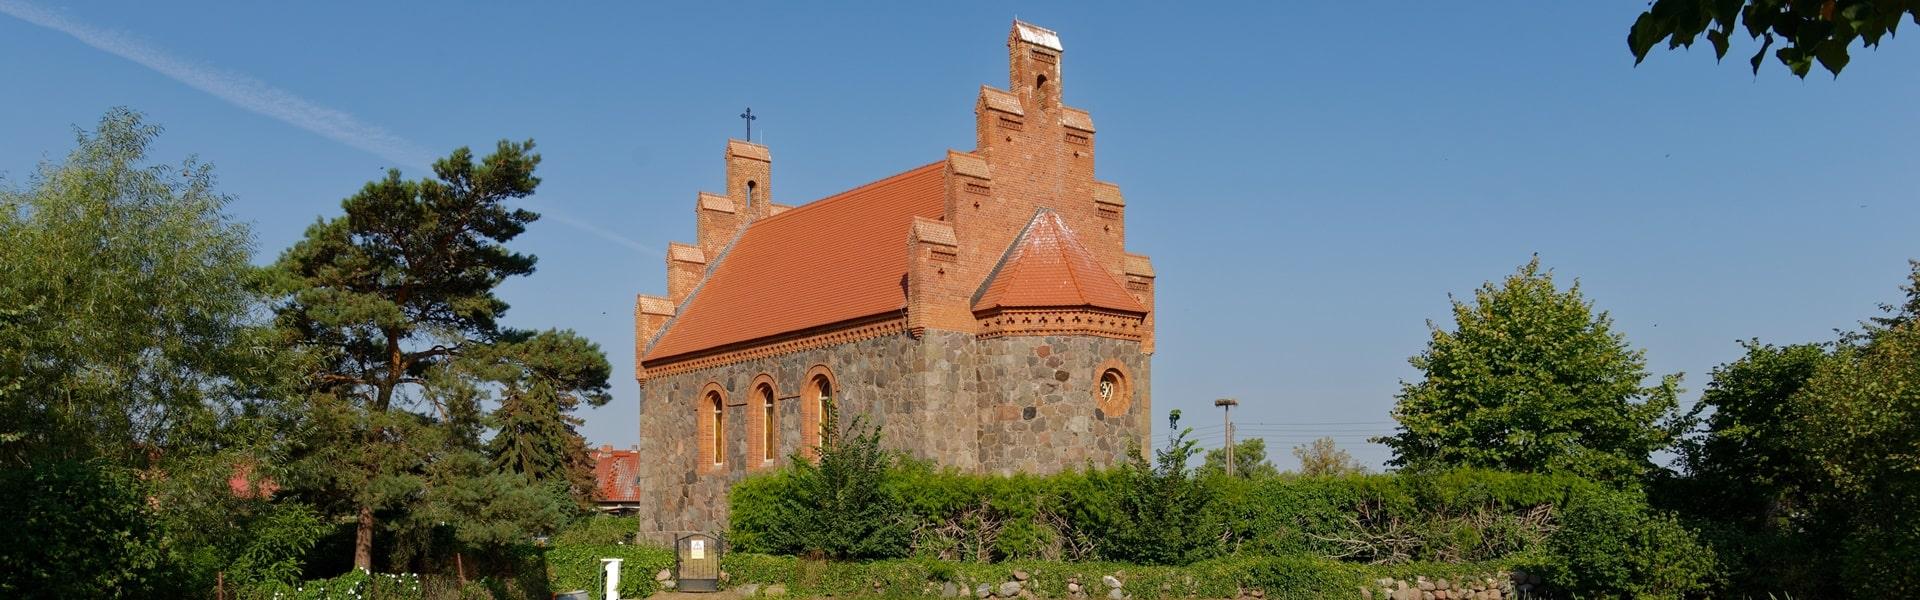 Evangelische Kirche in Wegezin am 16. August 2020